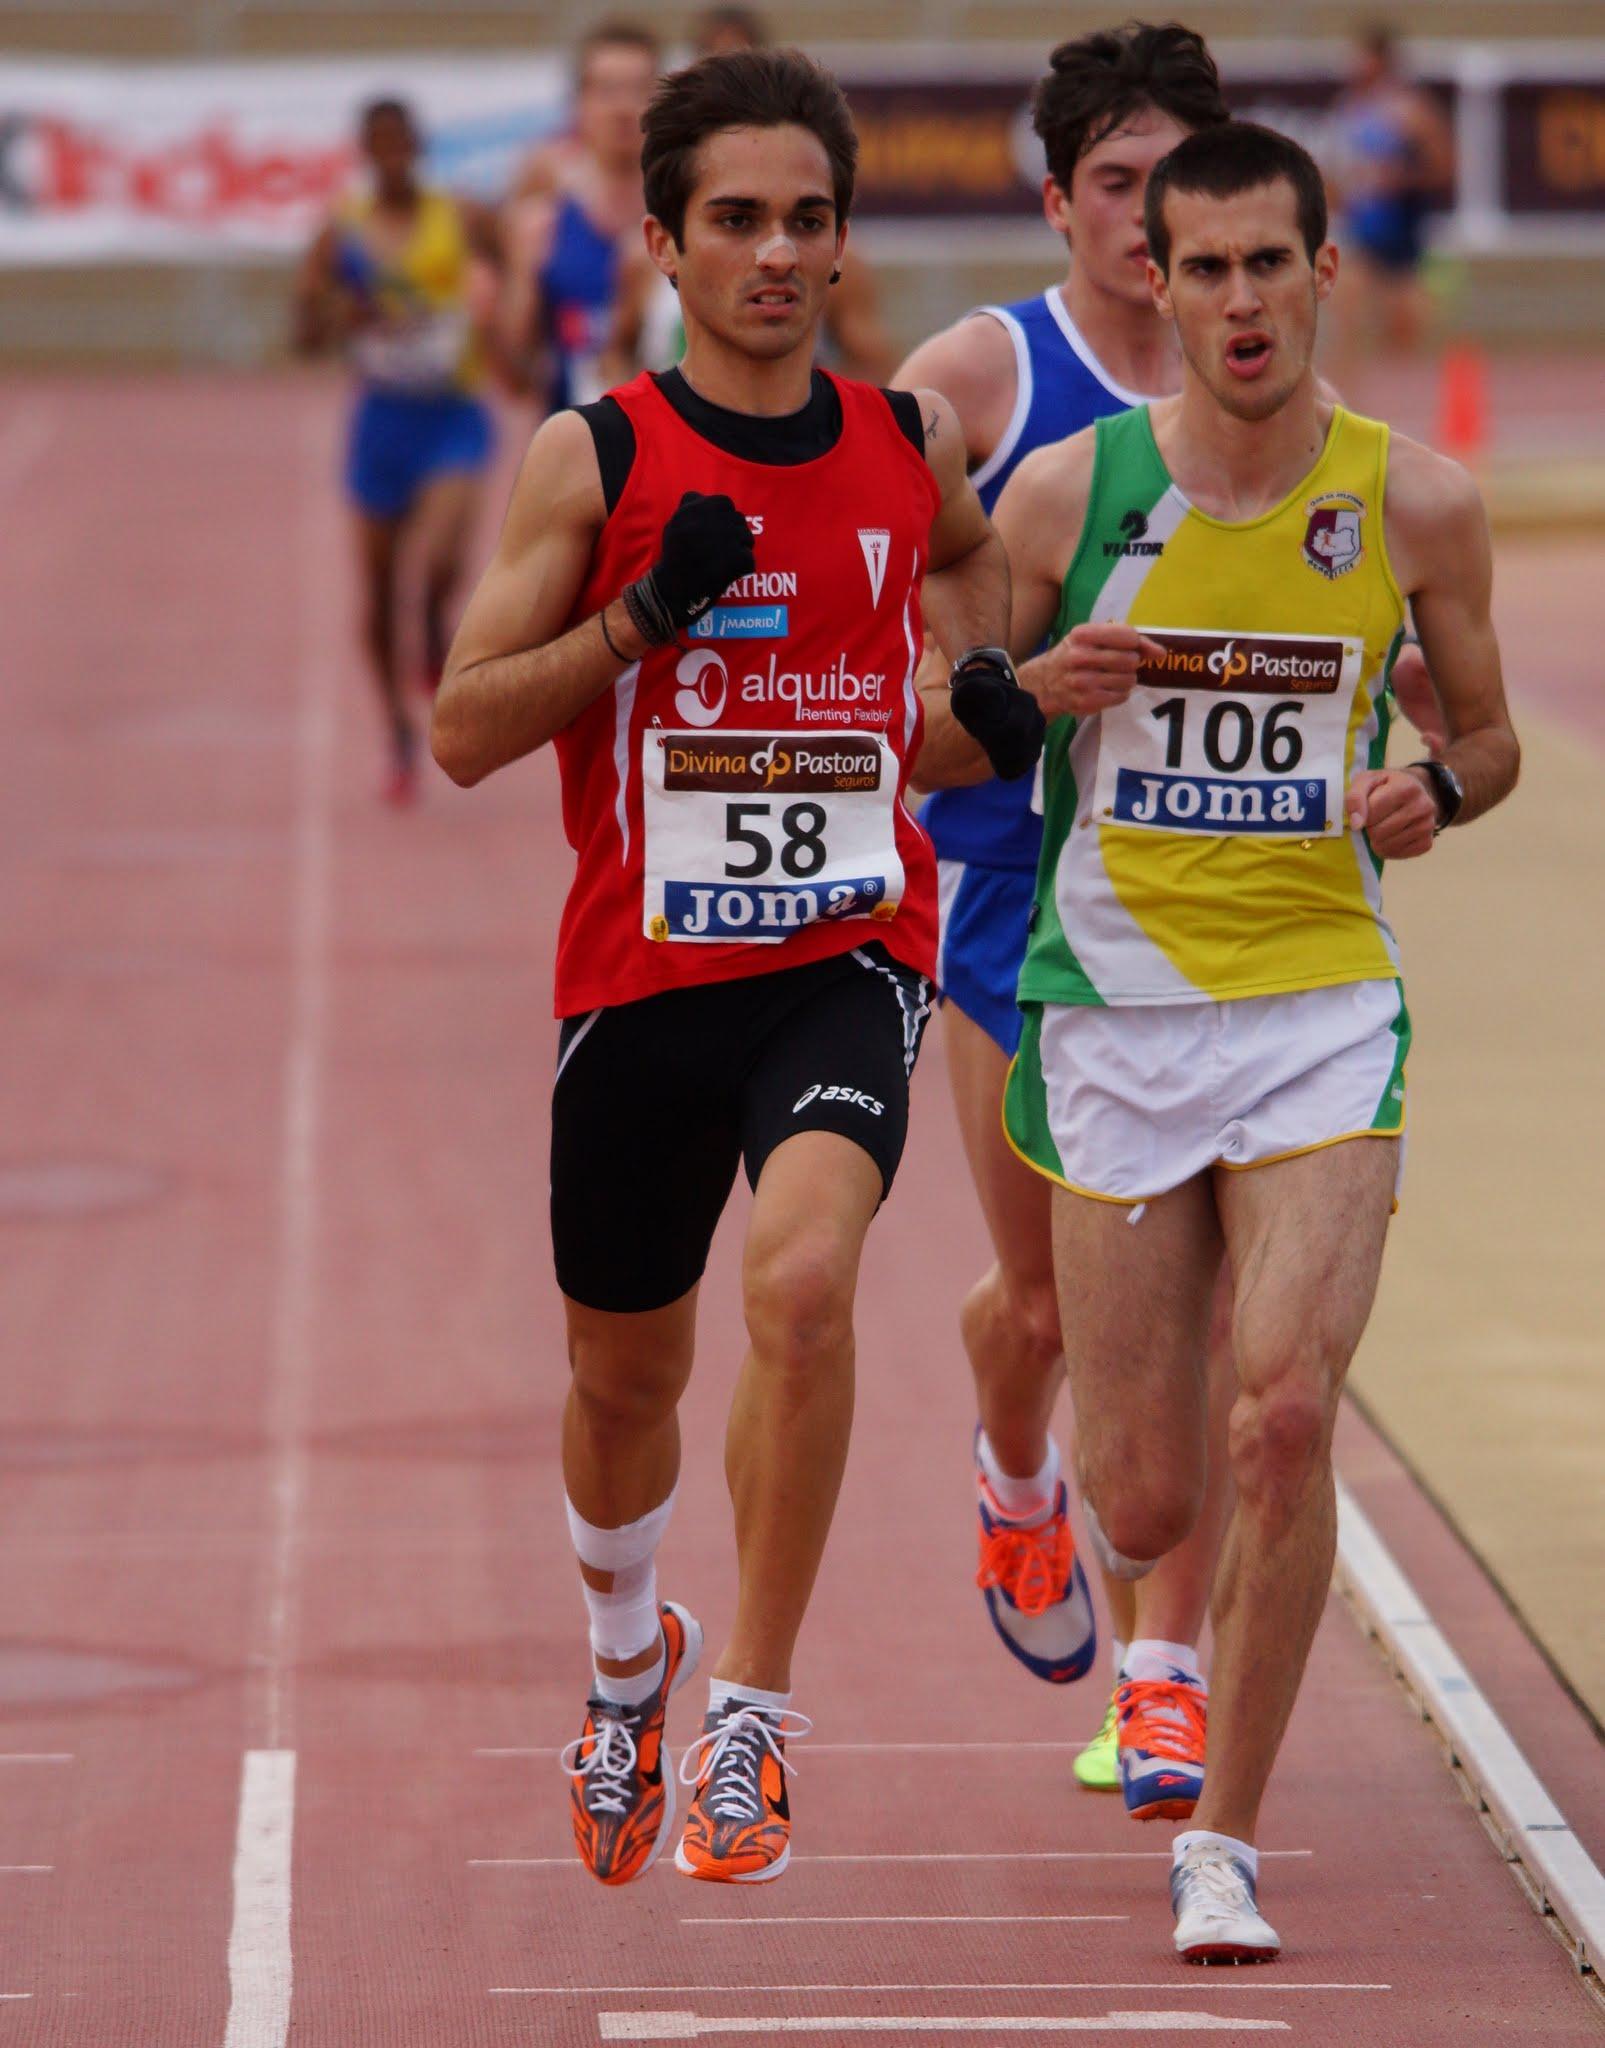 Soberbio quinto puesto de Mario Mirabel en el Campeonato de España de 10.000 m.l. promesa